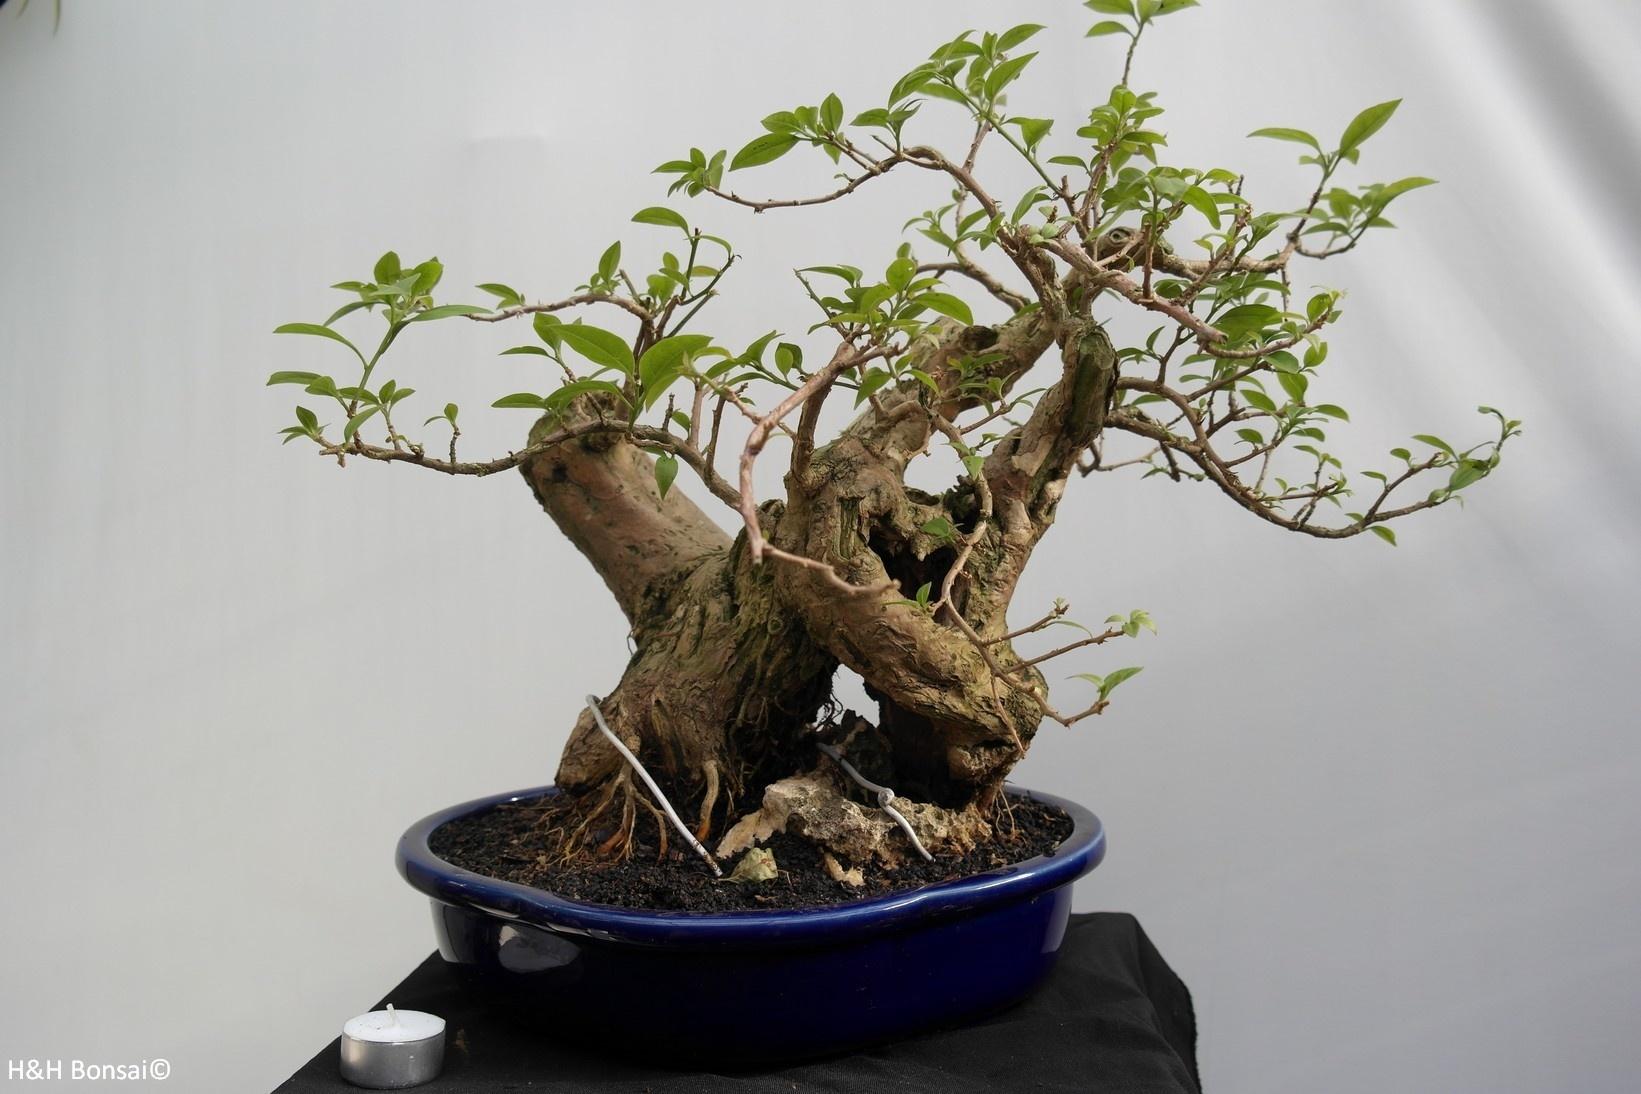 Bonsai Bougainvillier, Bougainvillea glabra, no. 7816